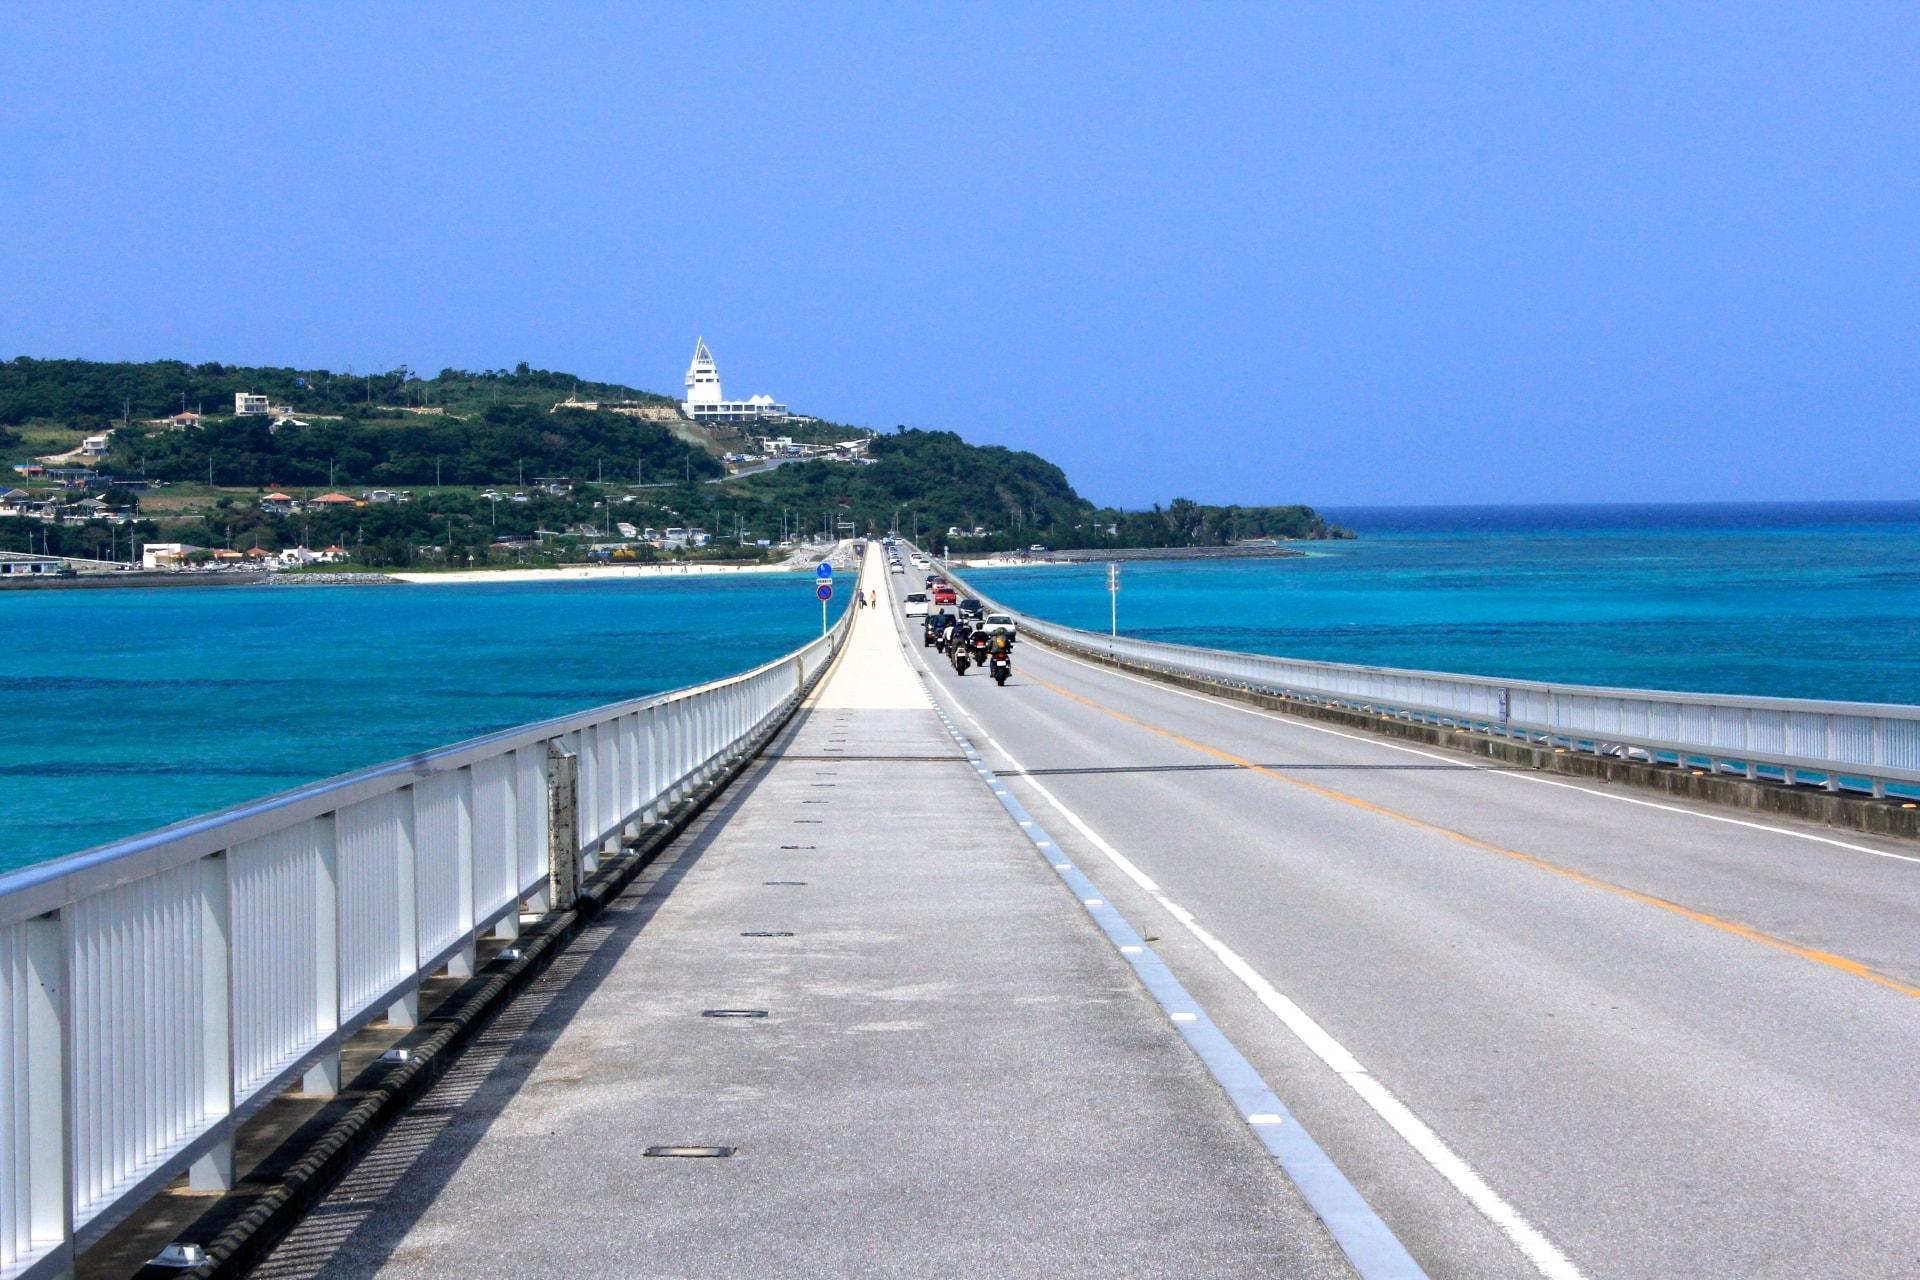 cầu bắc ngang qua biển ở okinawa